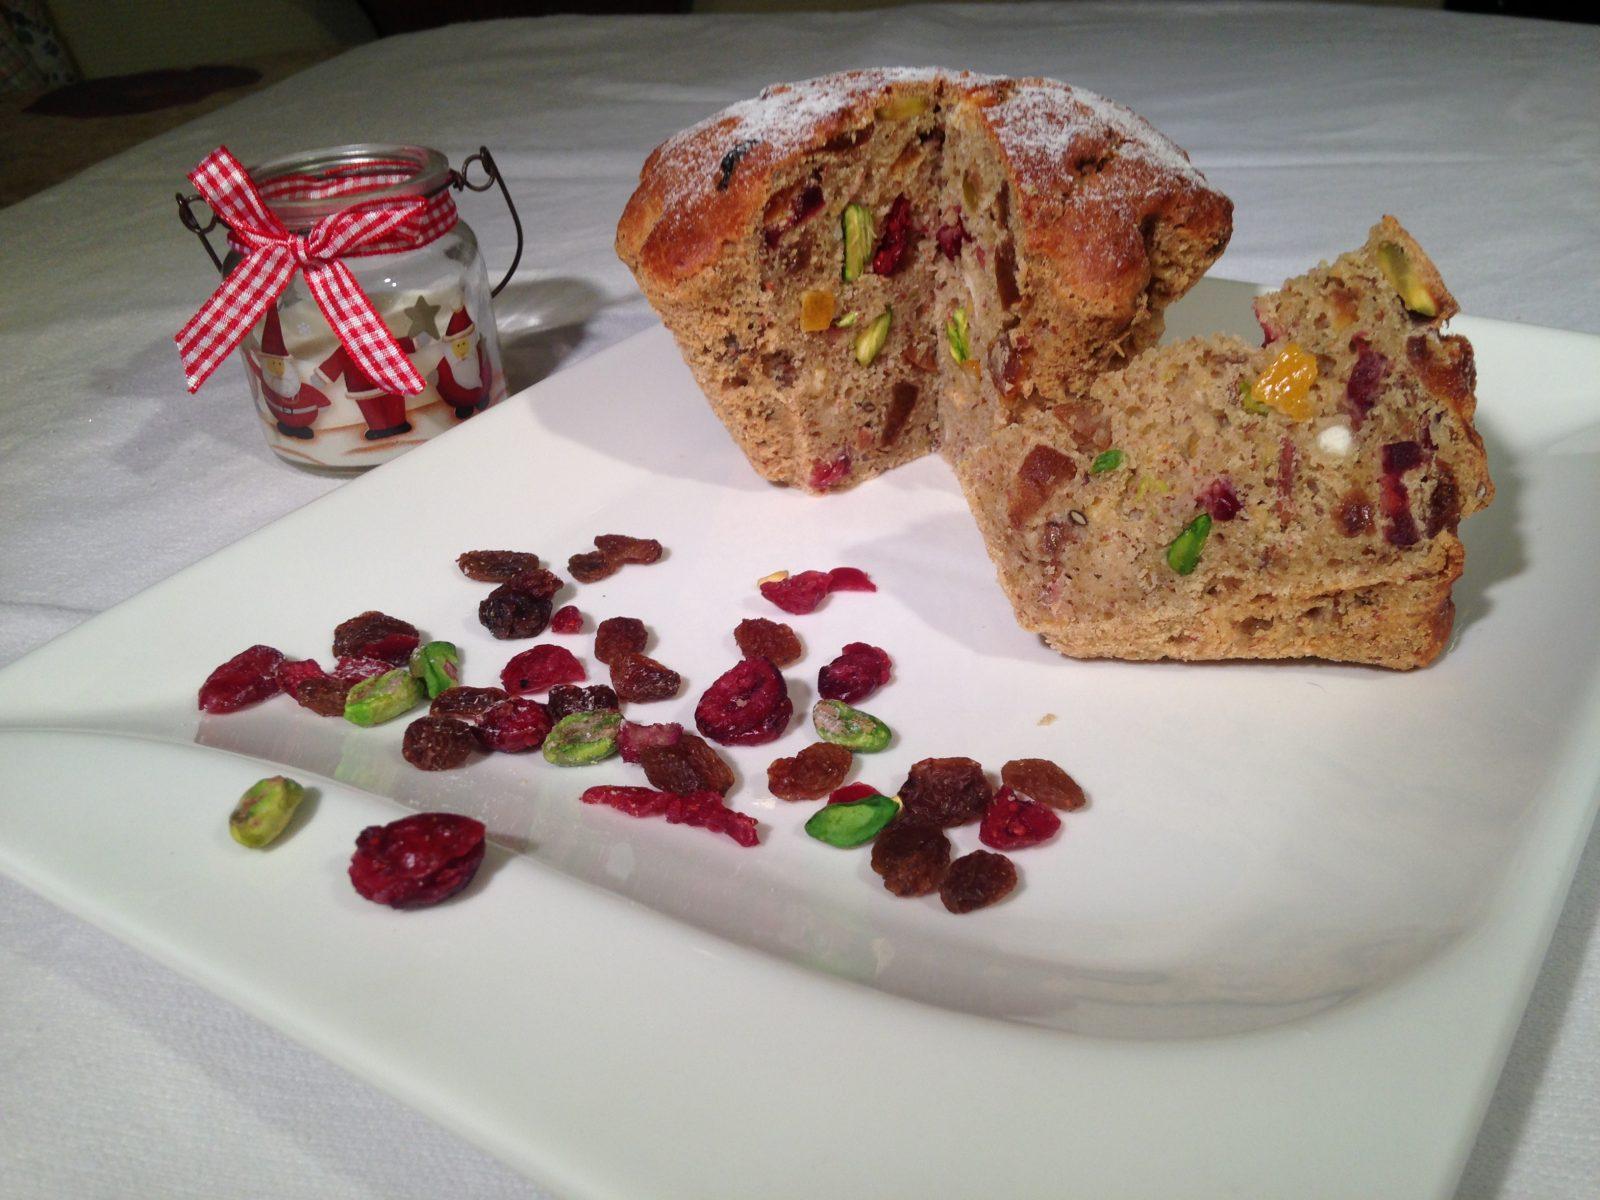 Recette Sans Gluten : Brioches de Noël